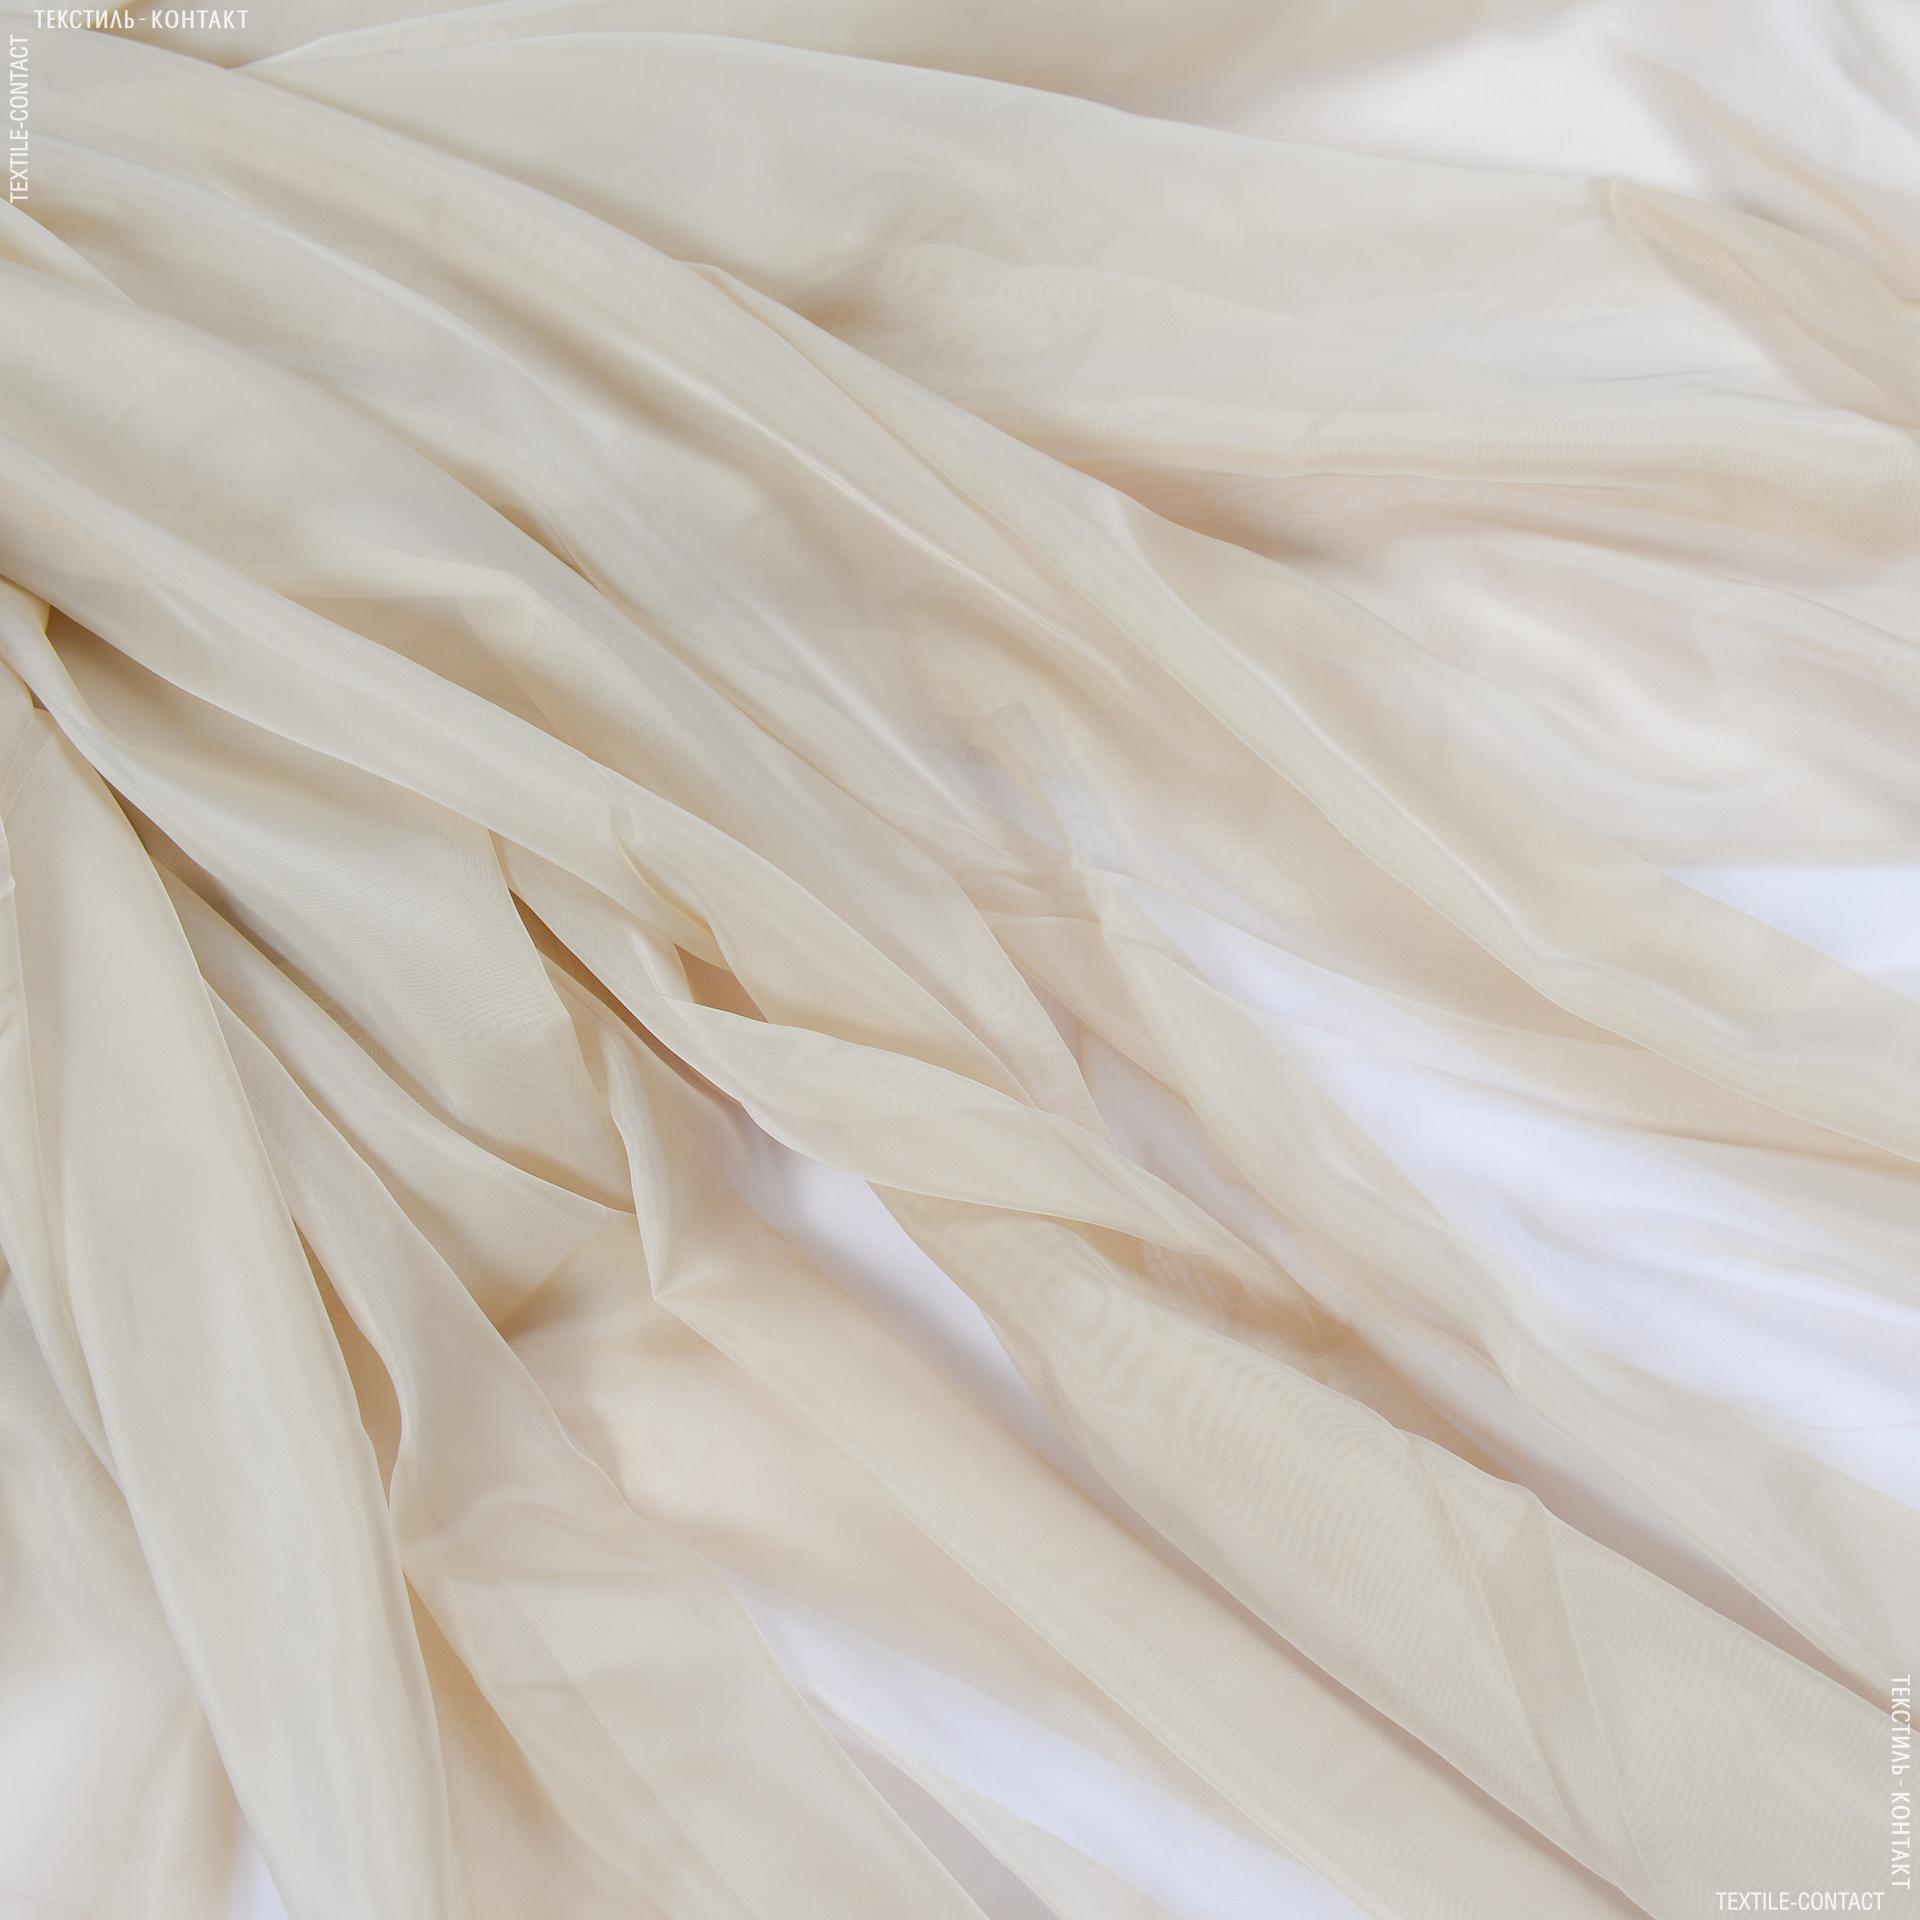 Купить ткань шелковая вуаль ткань для постельного белья купить уфе